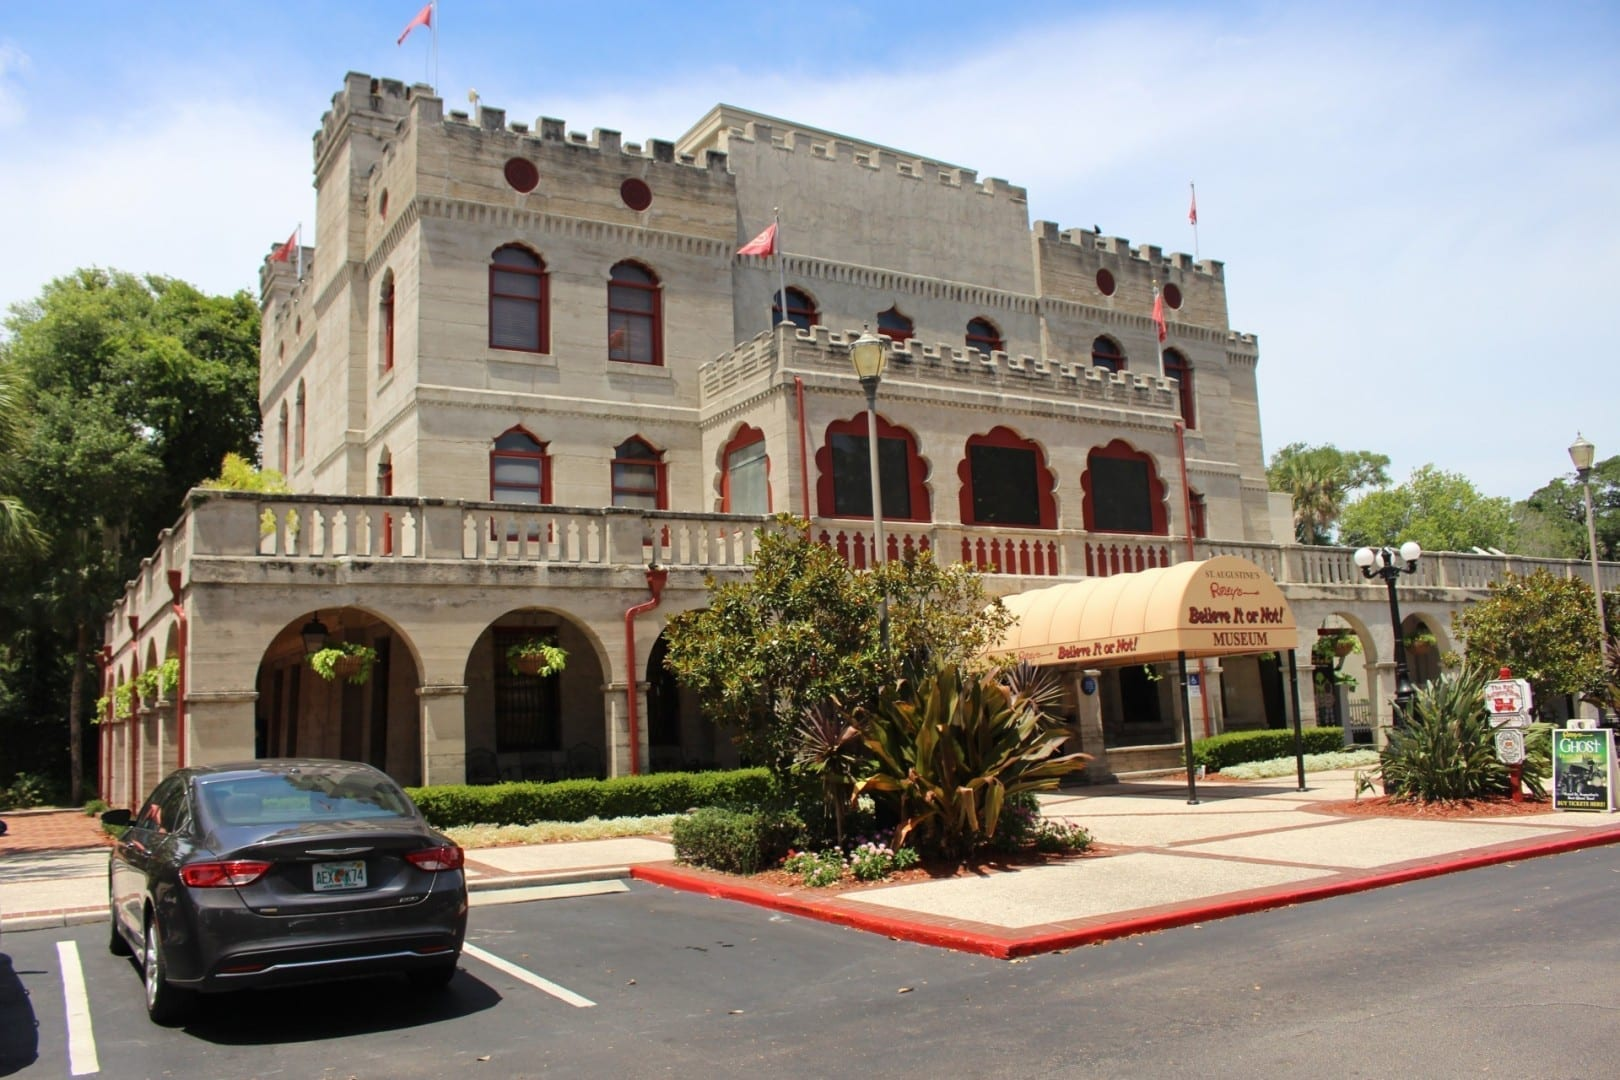 El grandioso Odditorium original de Ripley. Saint Augustine FL Estados Unidos